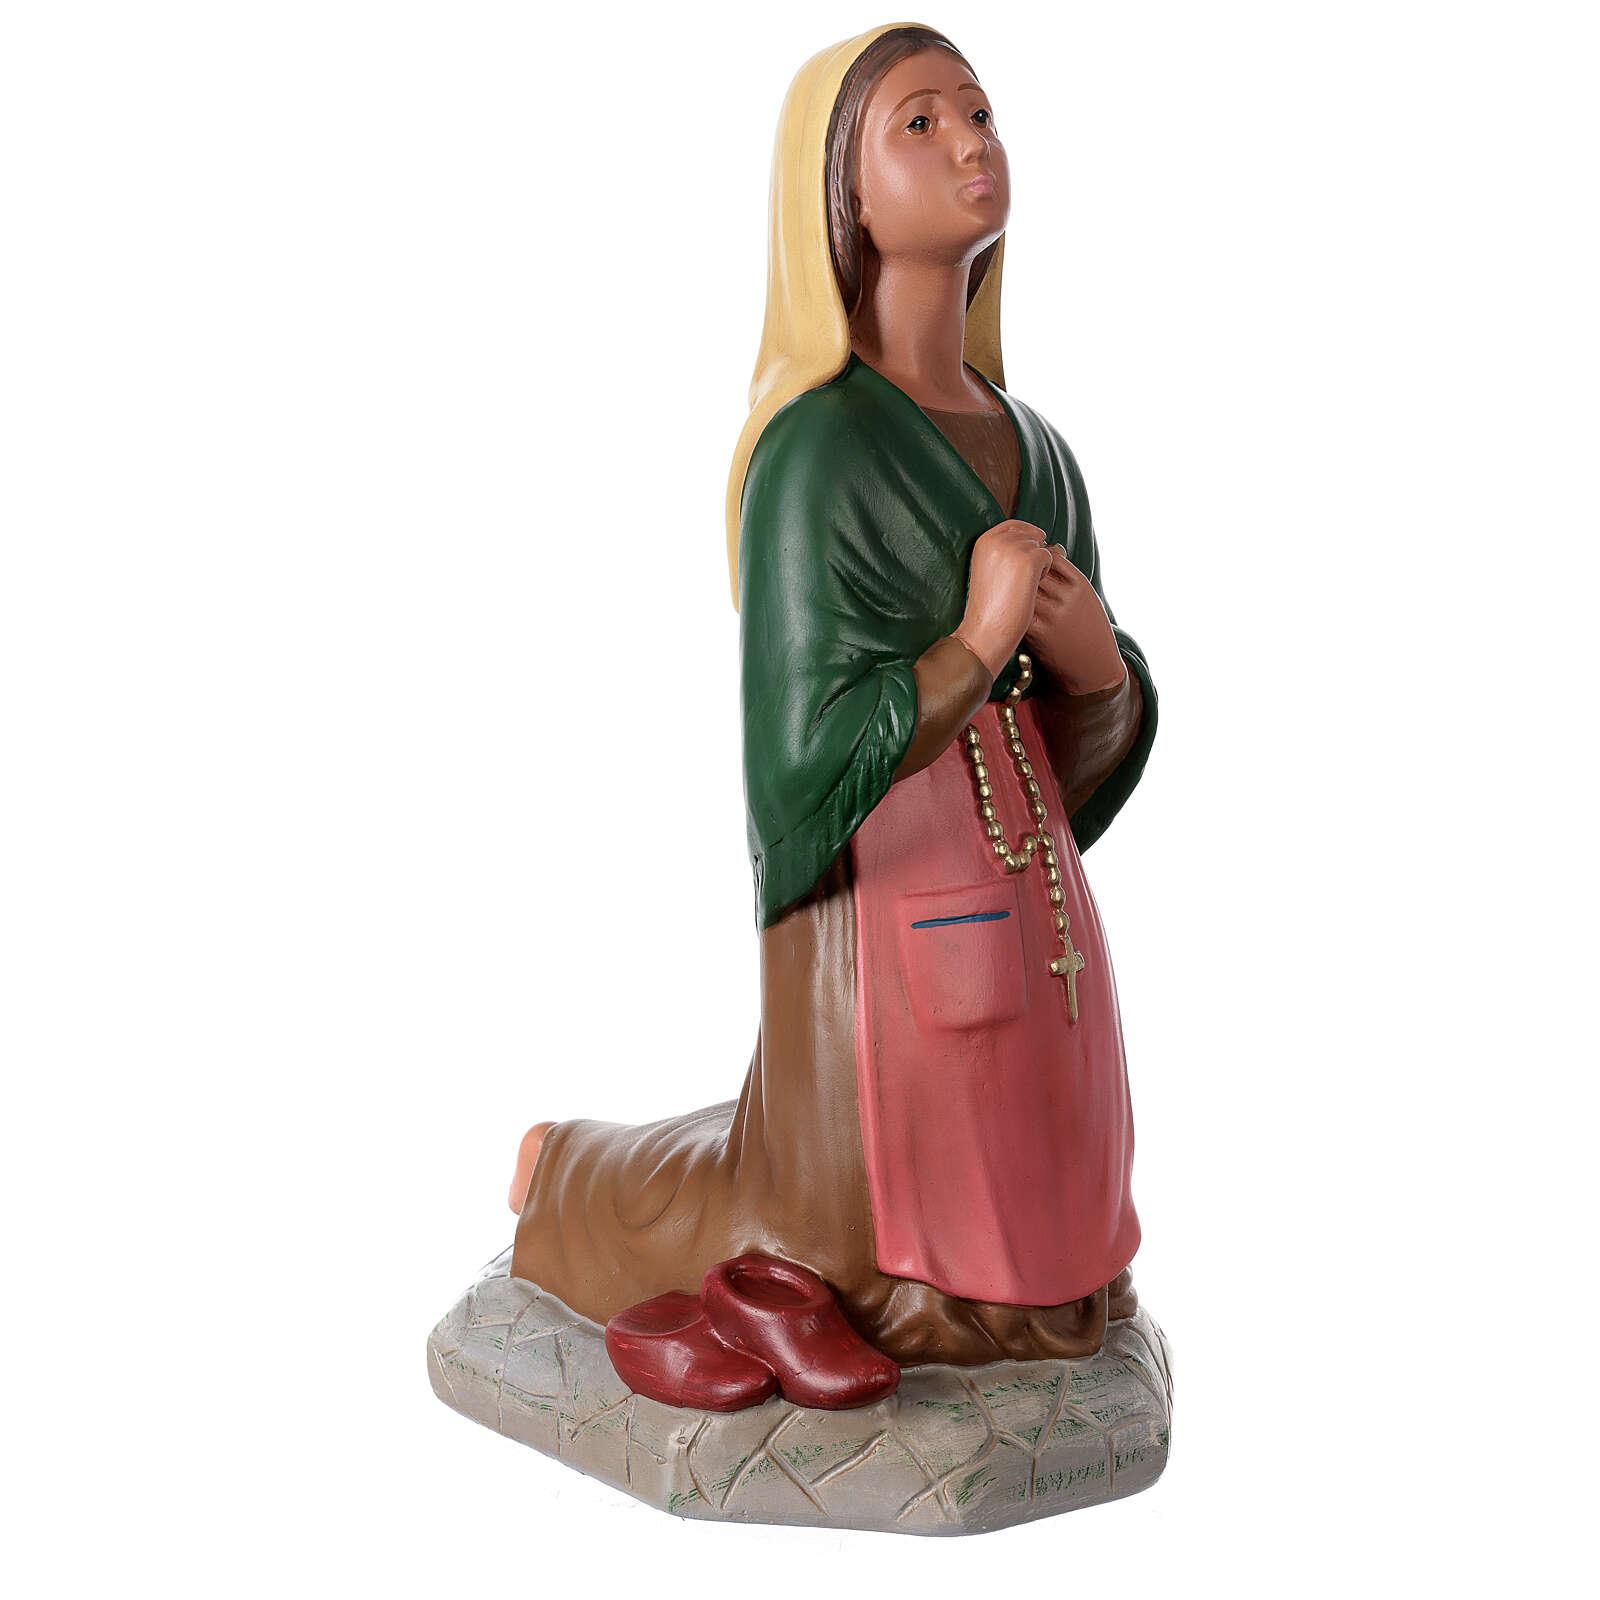 Saint Bernadette 24 in statue hand-painted plaster Arte Barsanti 4